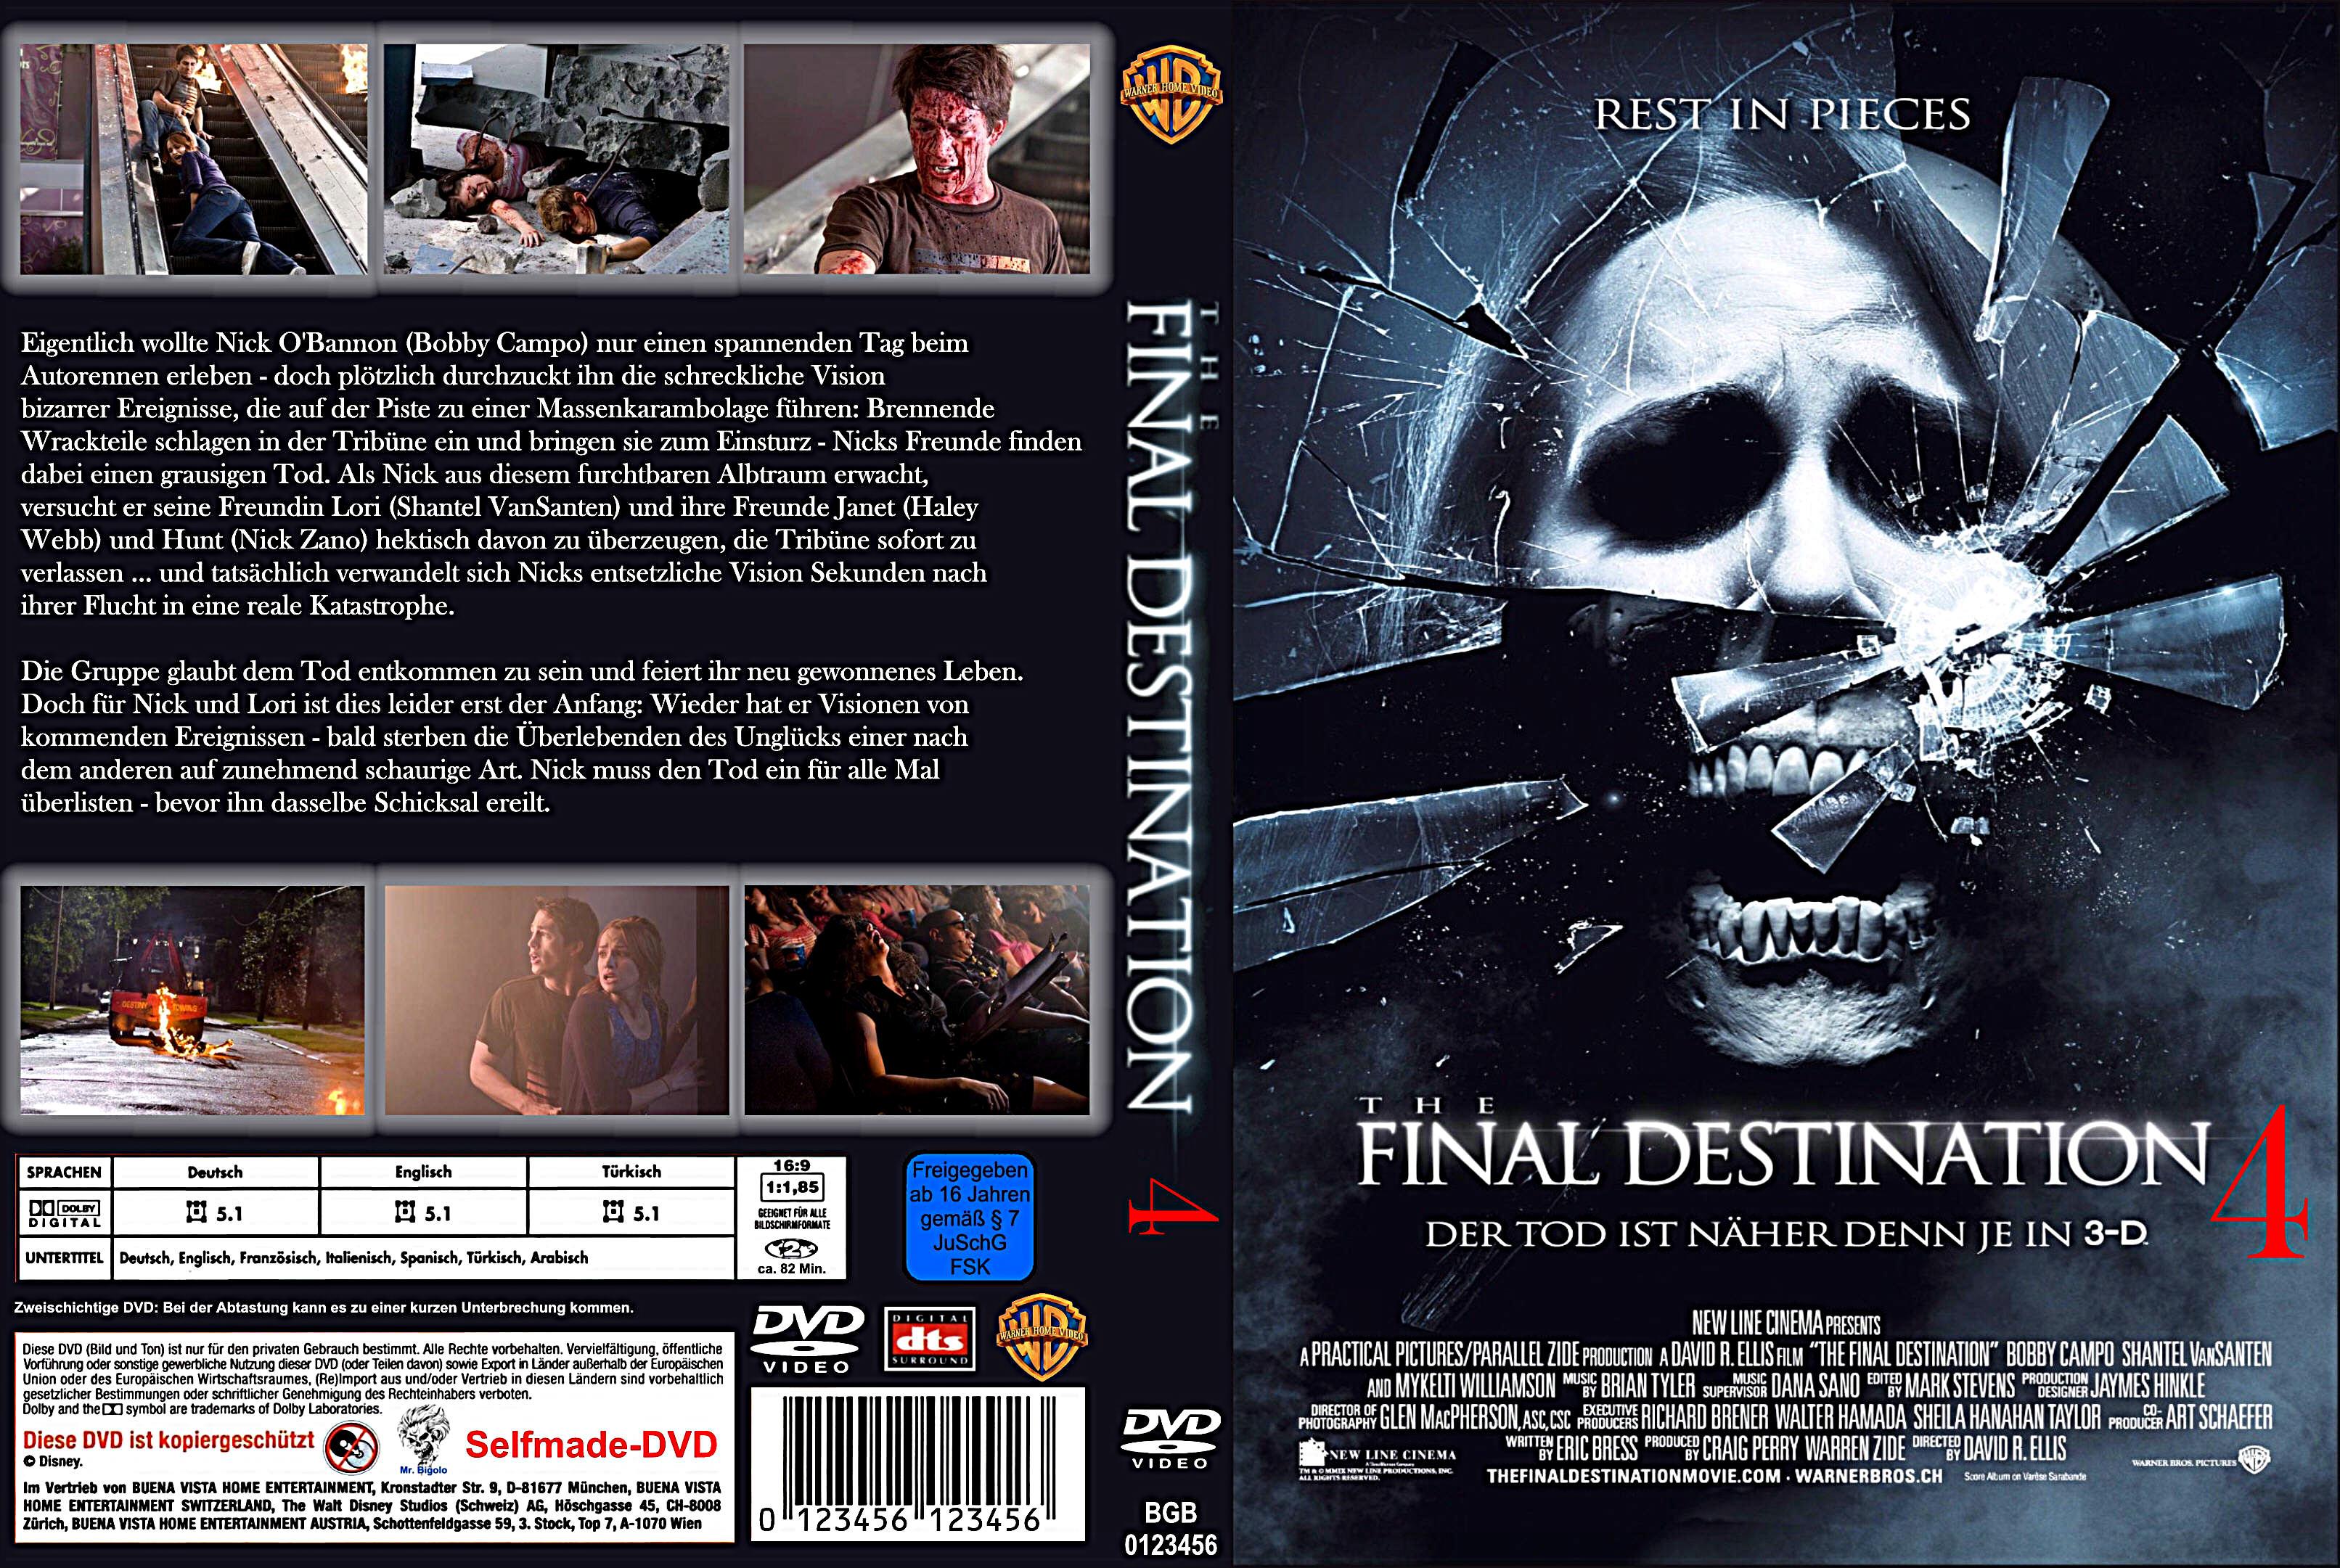 kommende disney dvd